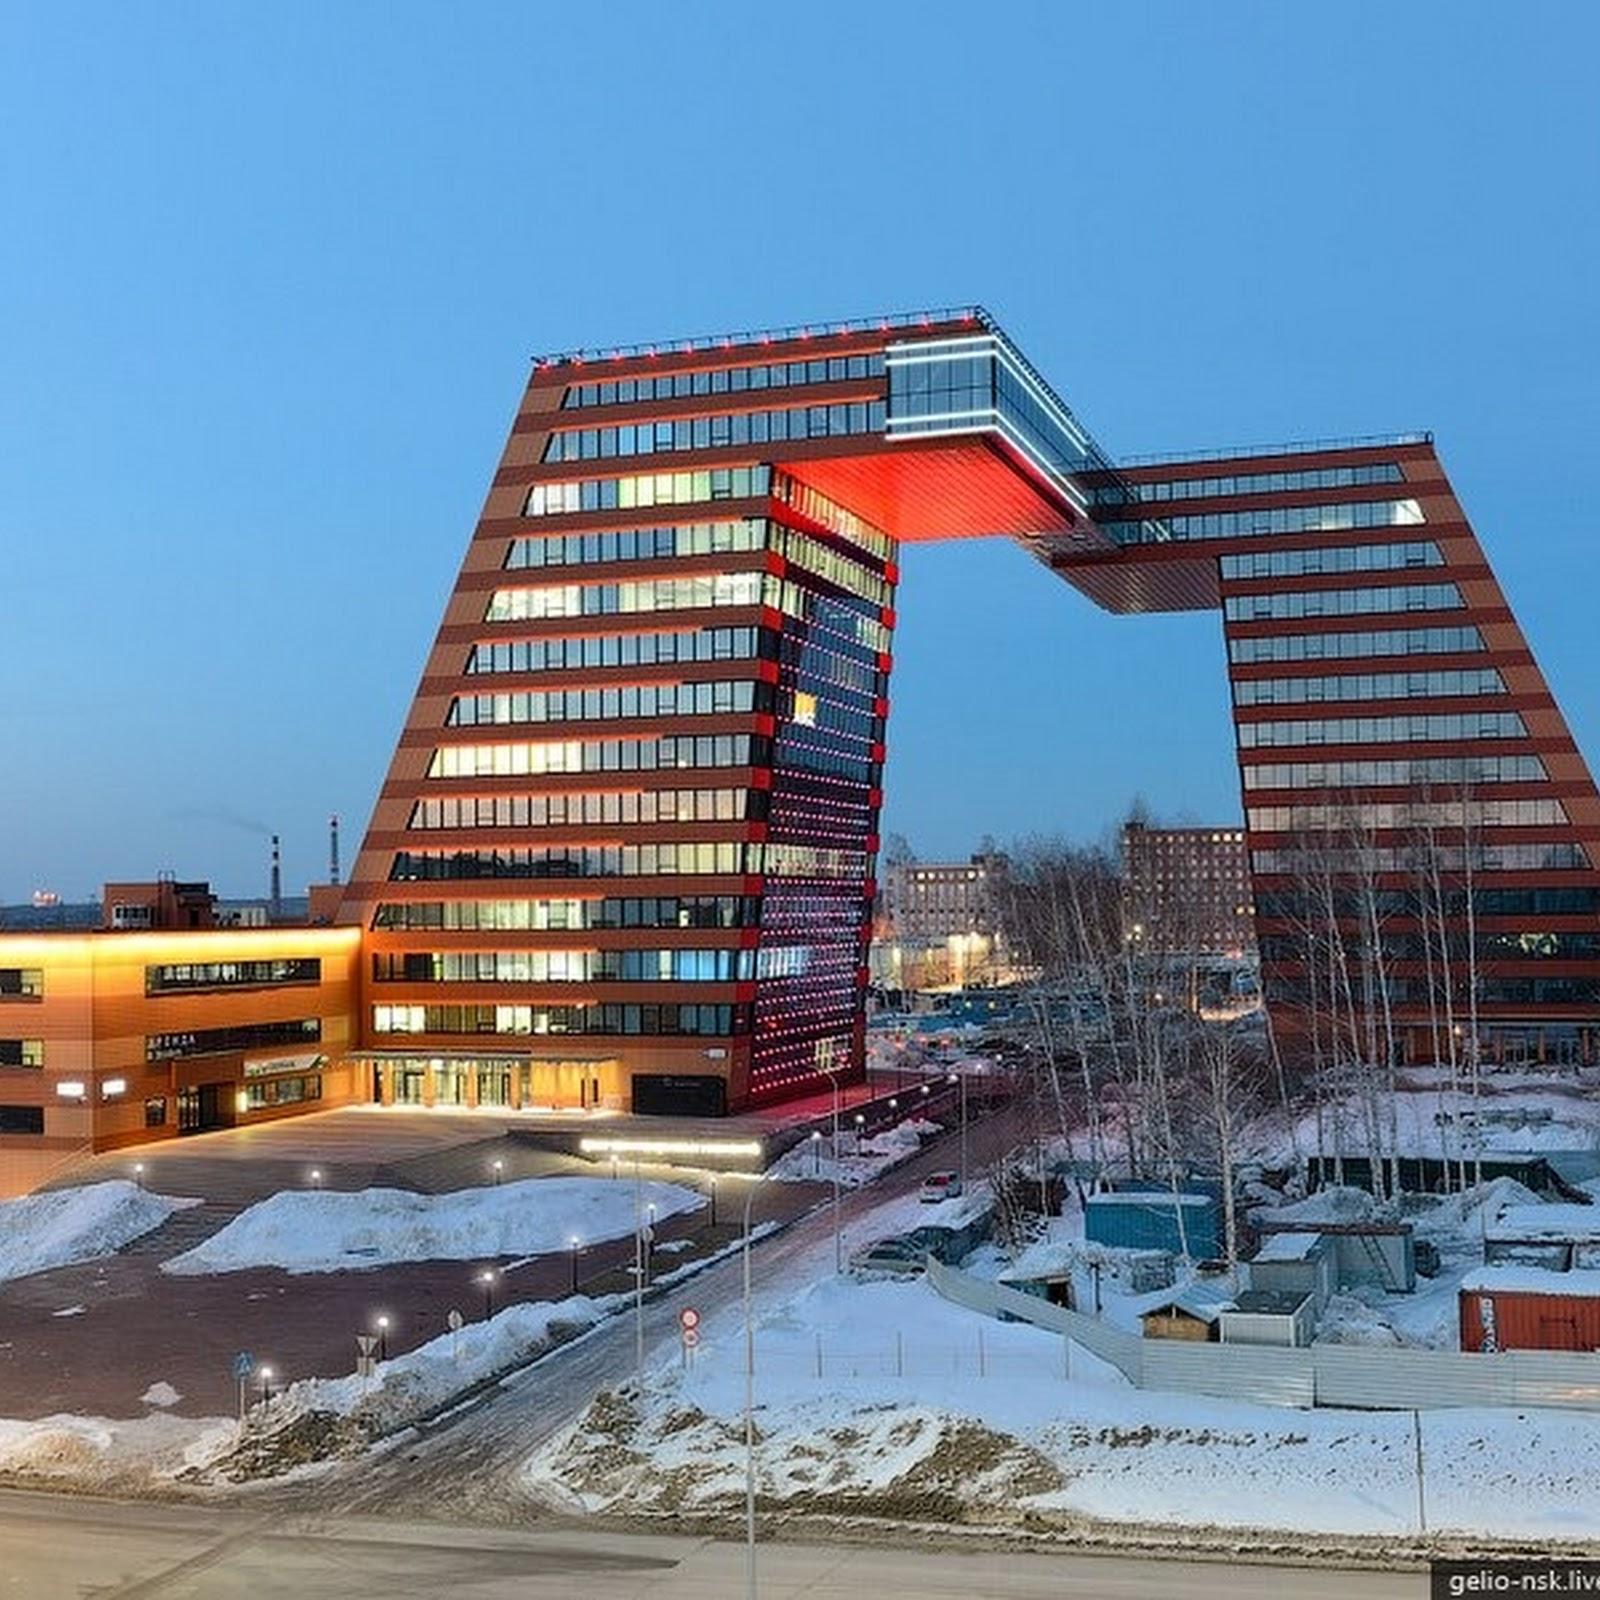 Akademgorodok: Siberia's Silicon Valley